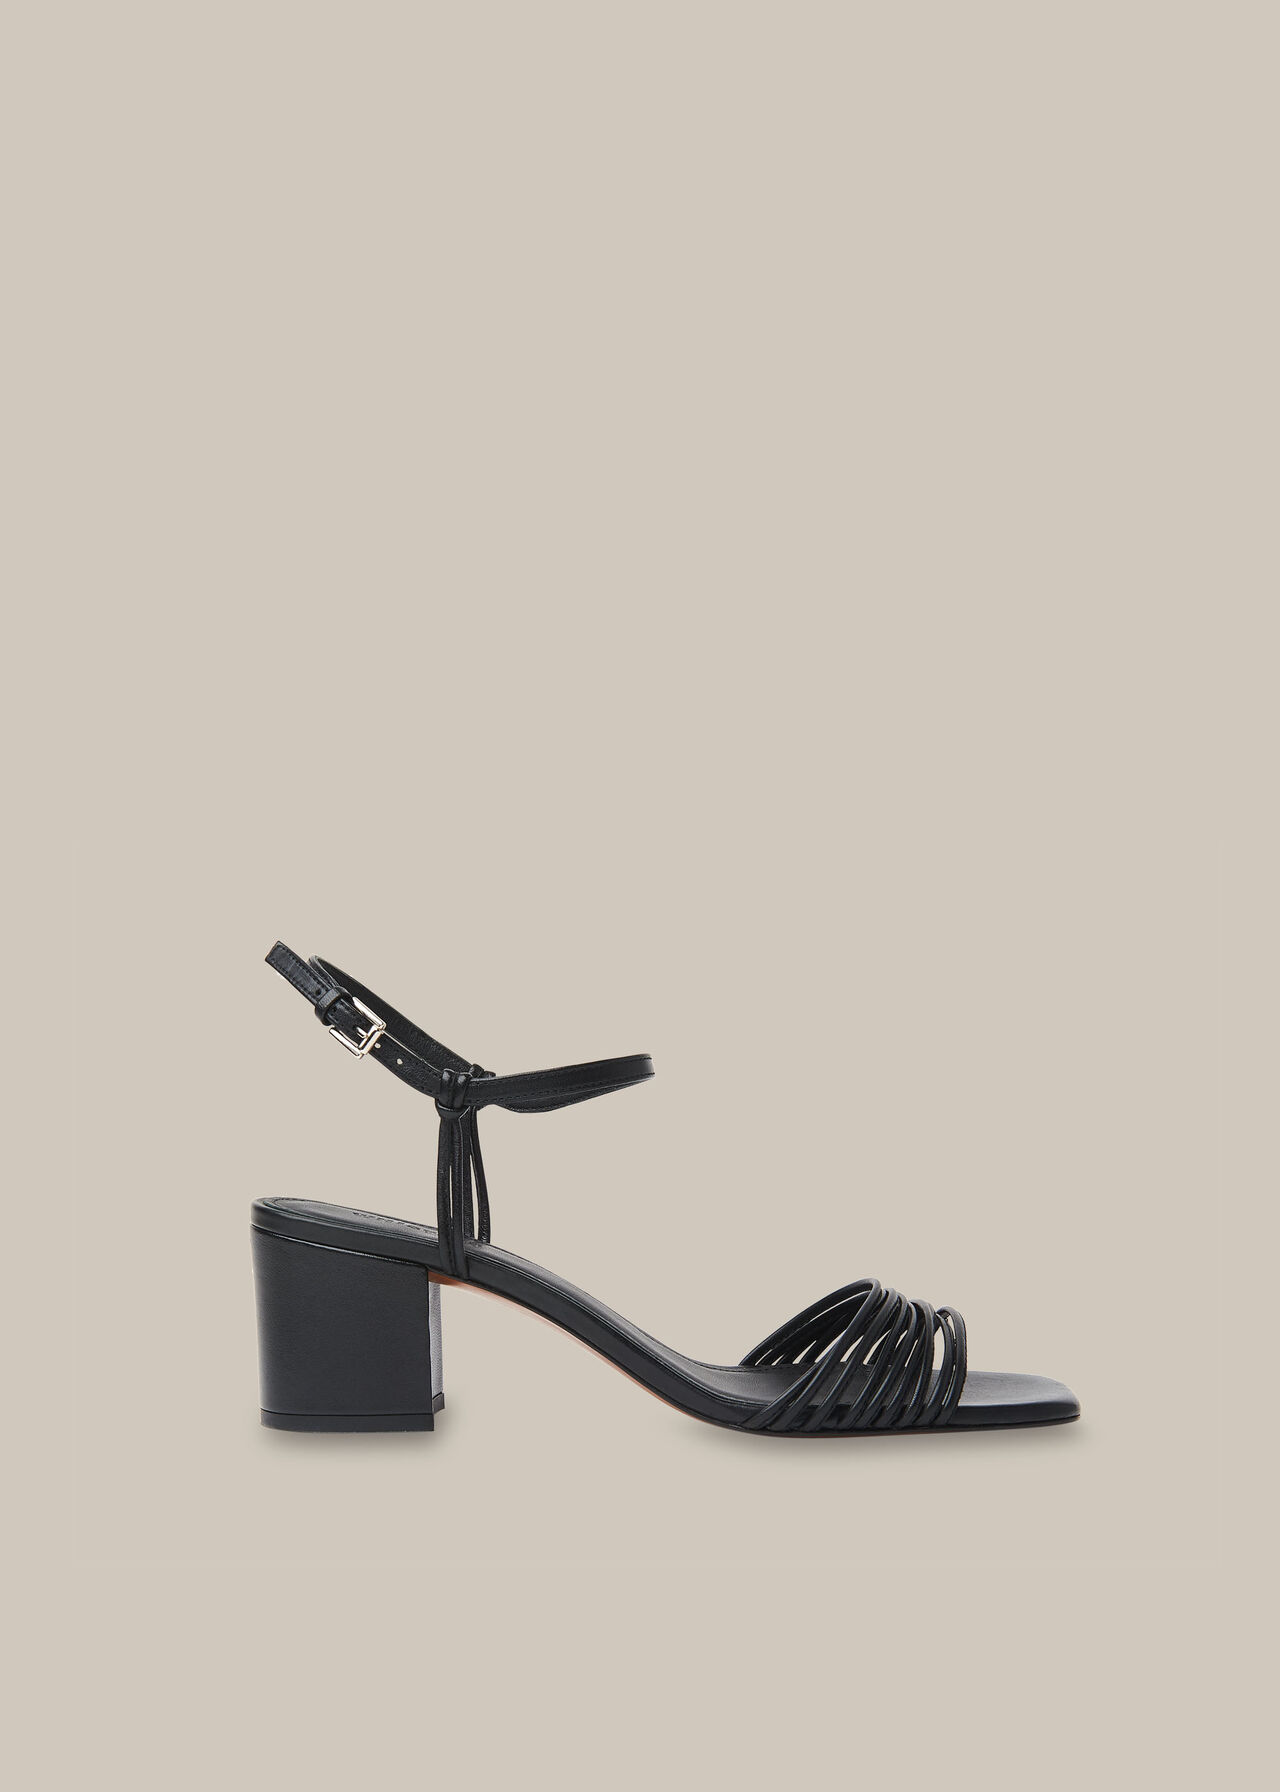 Hana Multi Strap Sandal Black